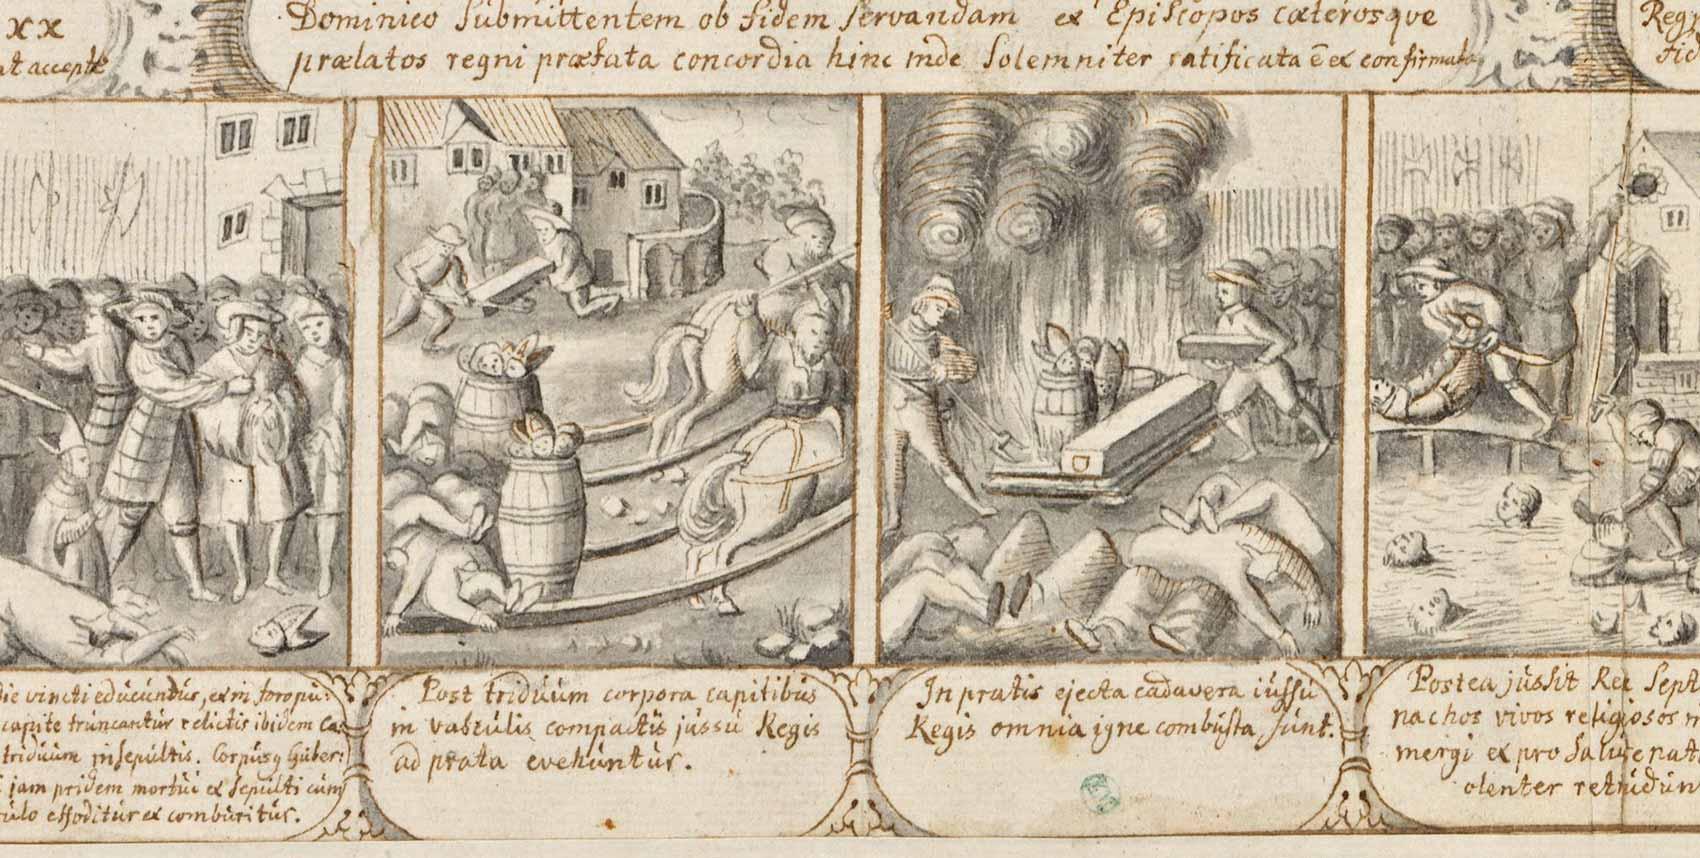 Sten Stures kista grävs upp och bränns sedan tillsammans med huvud i tunnor.